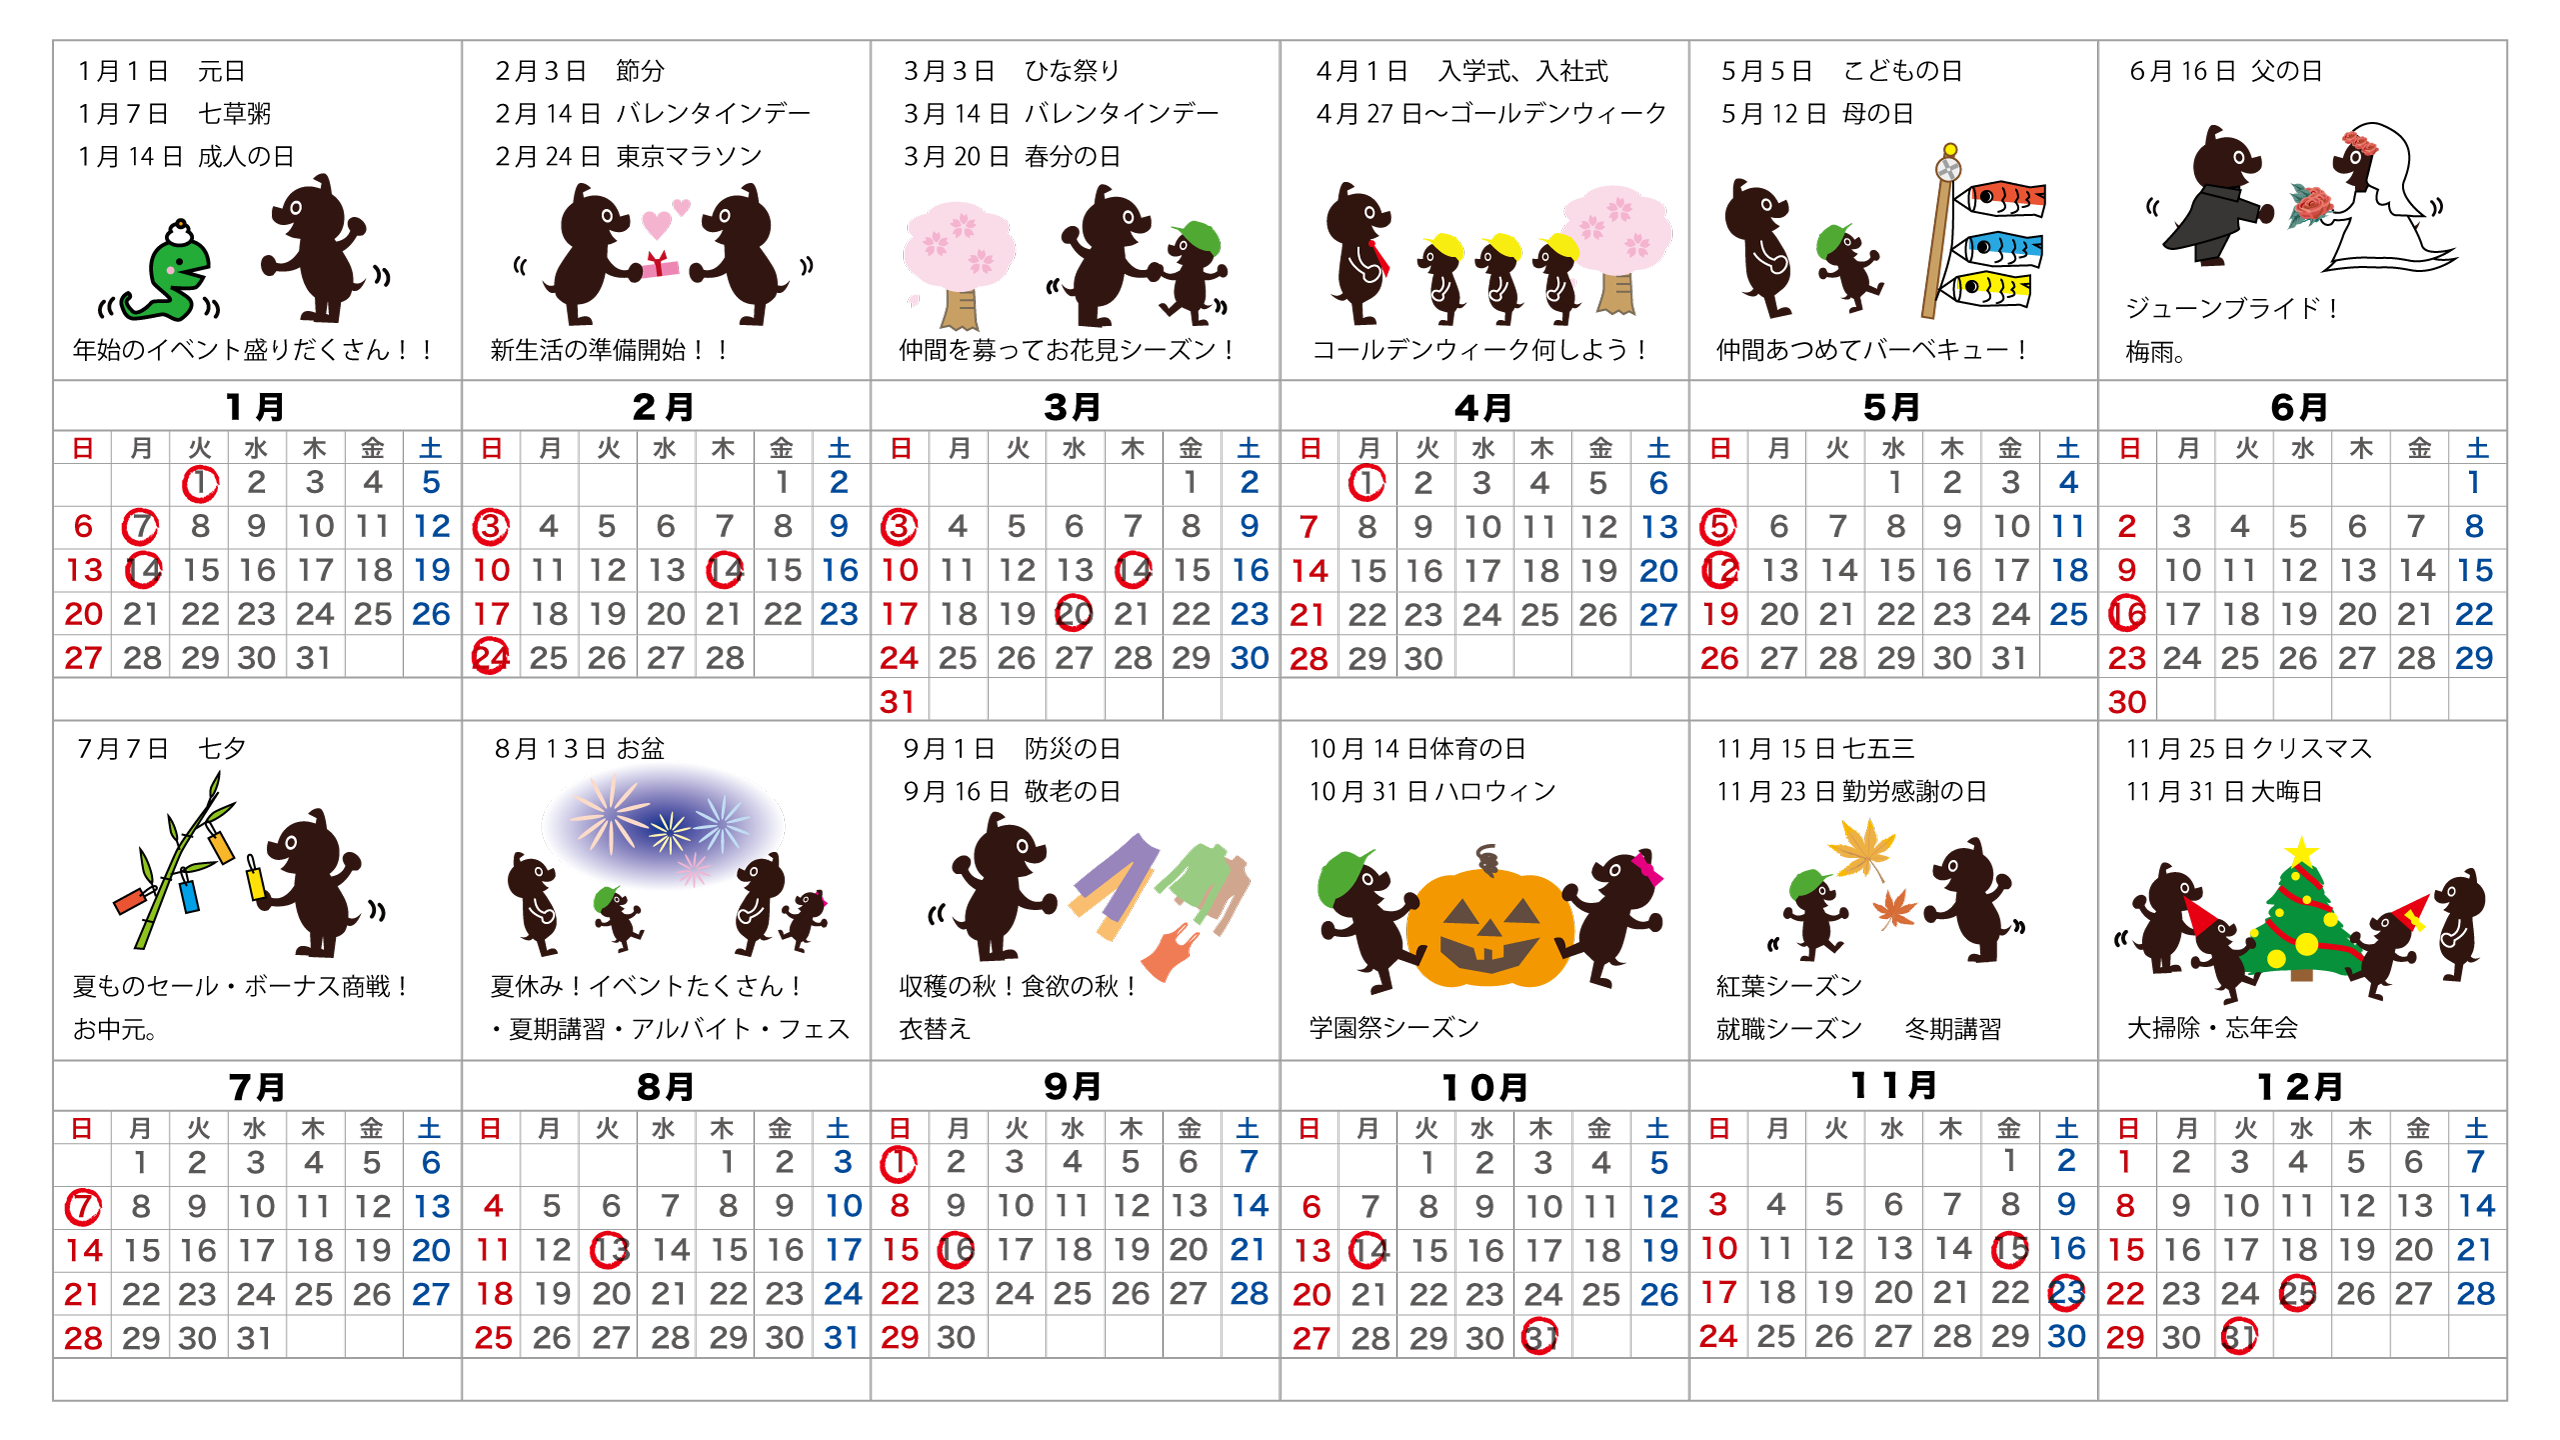 カレンダー 2013 12 カレンダー : 君カレンダー2013(カレンダー ...